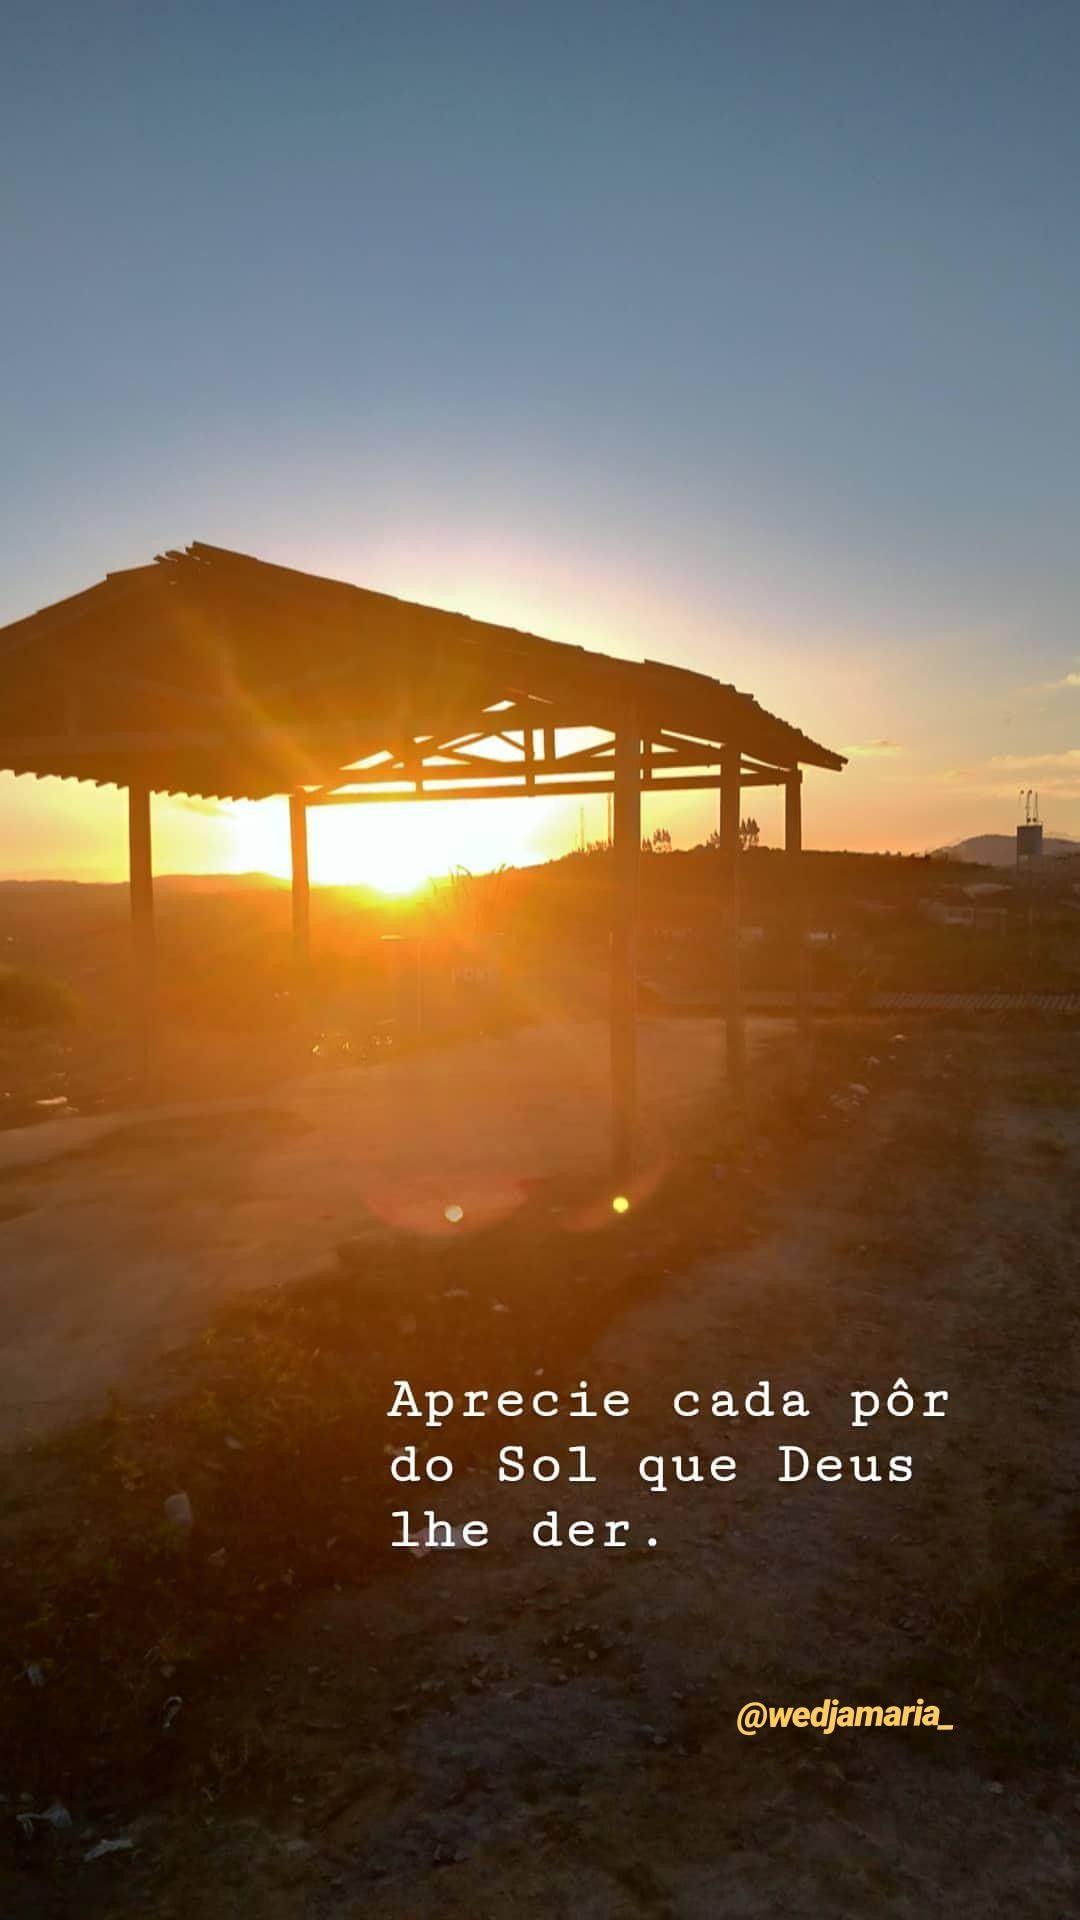 Por Do Sol At Wedjamaria Best Part Frases De Motivação